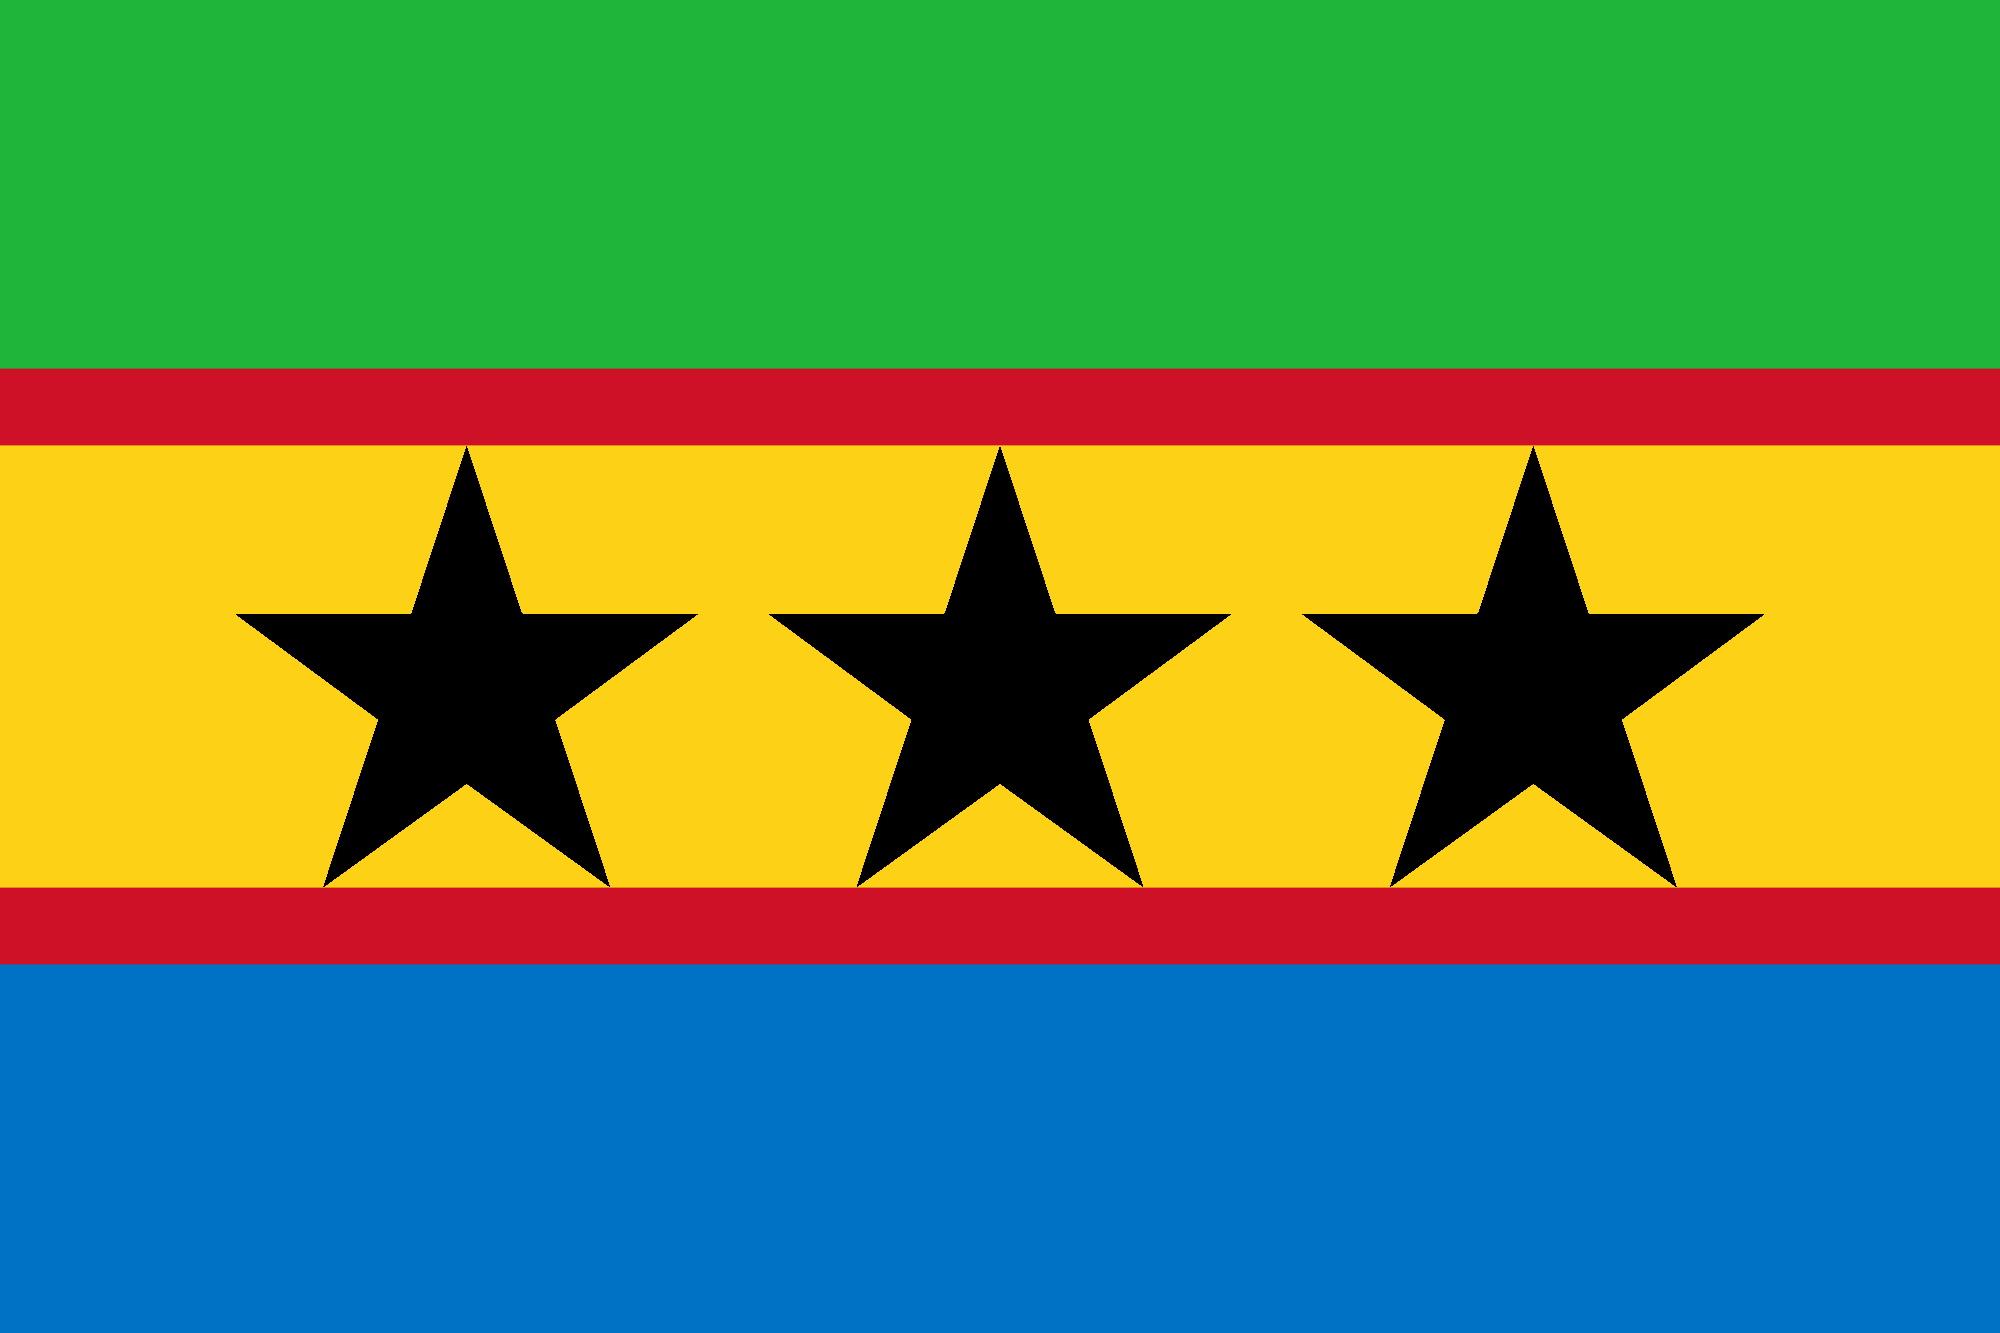 WK - West African Federation Flag.jpg